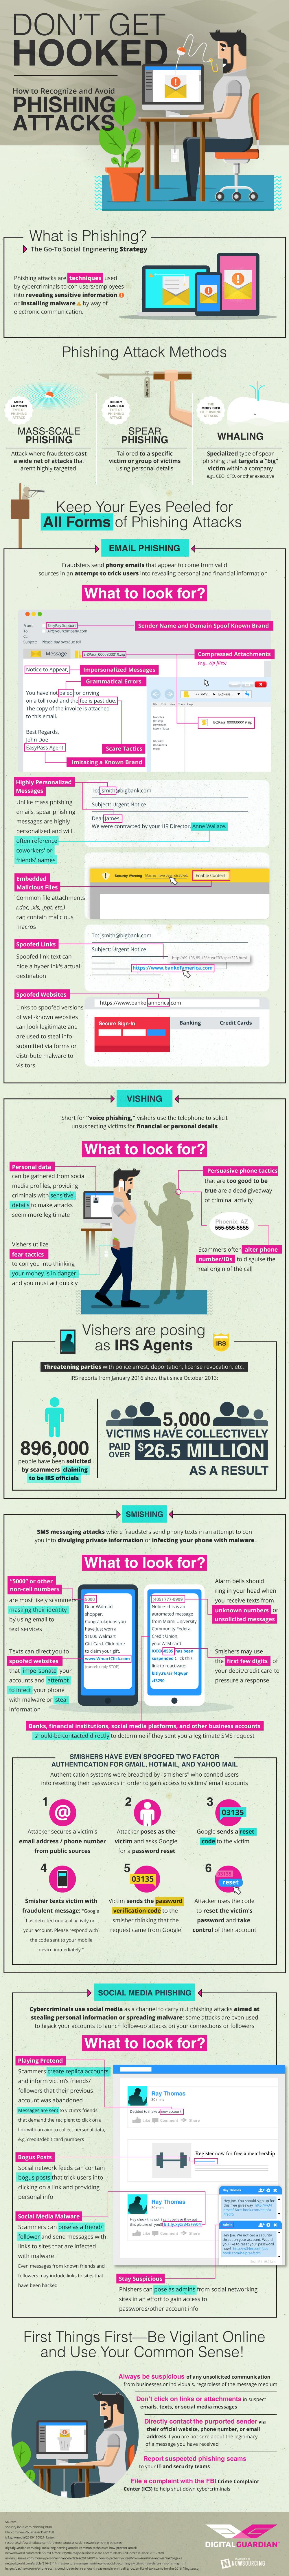 phishing-attacks-infographic-final-999